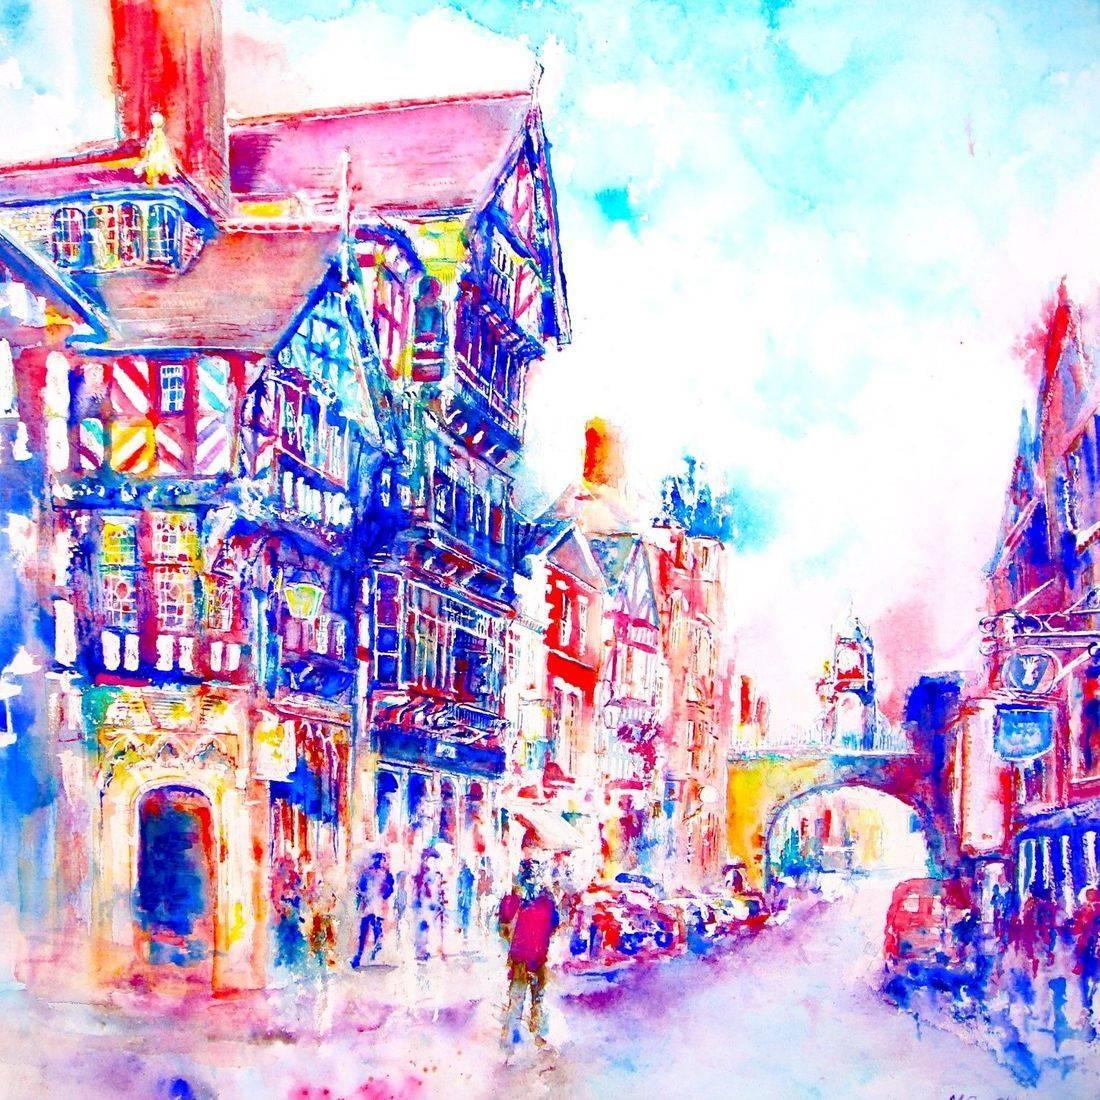 Chester High Street by Mary Saifelden